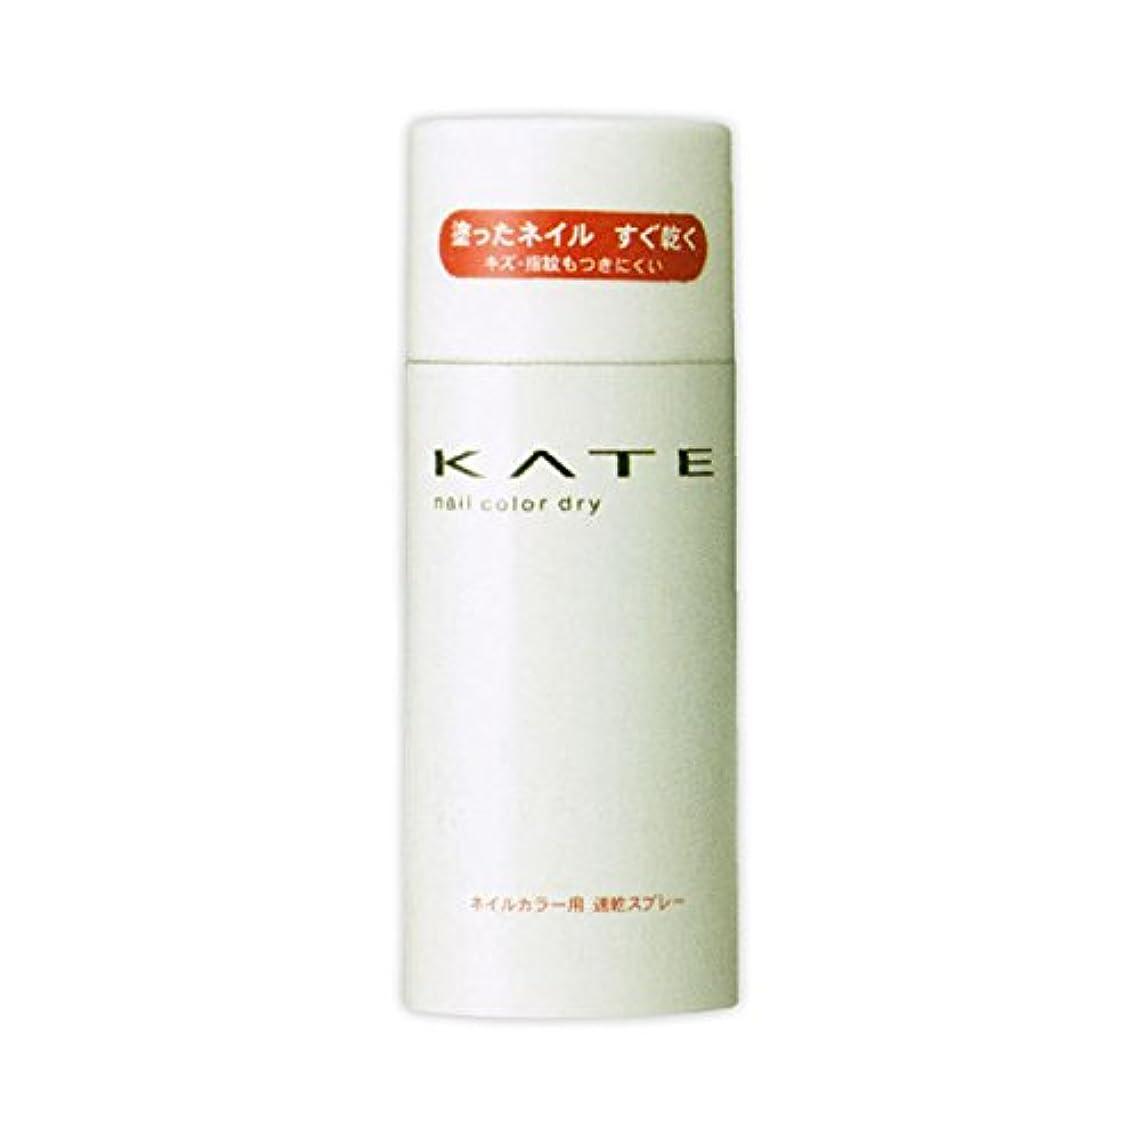 再開幸運近々カネボウ ケイト KATE ネイルカラードライ S 90g